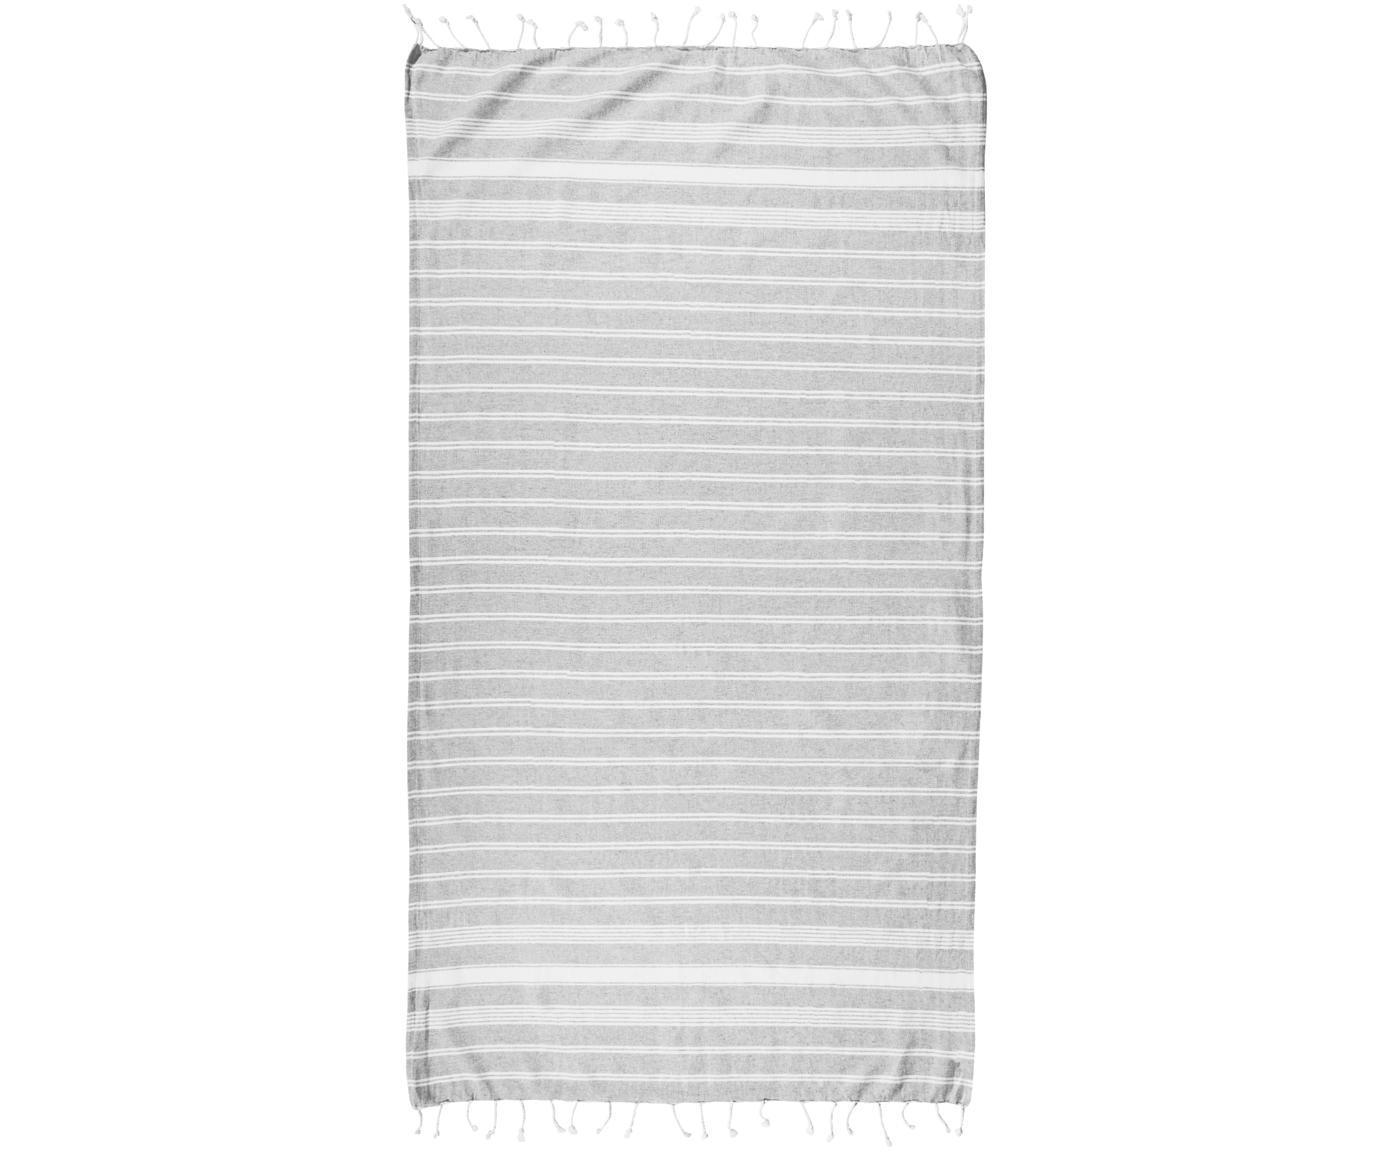 Telo mare a righe Surfside, 100% cotone, Grigio chiaro, Larg. 90 x Lung. 170 cm